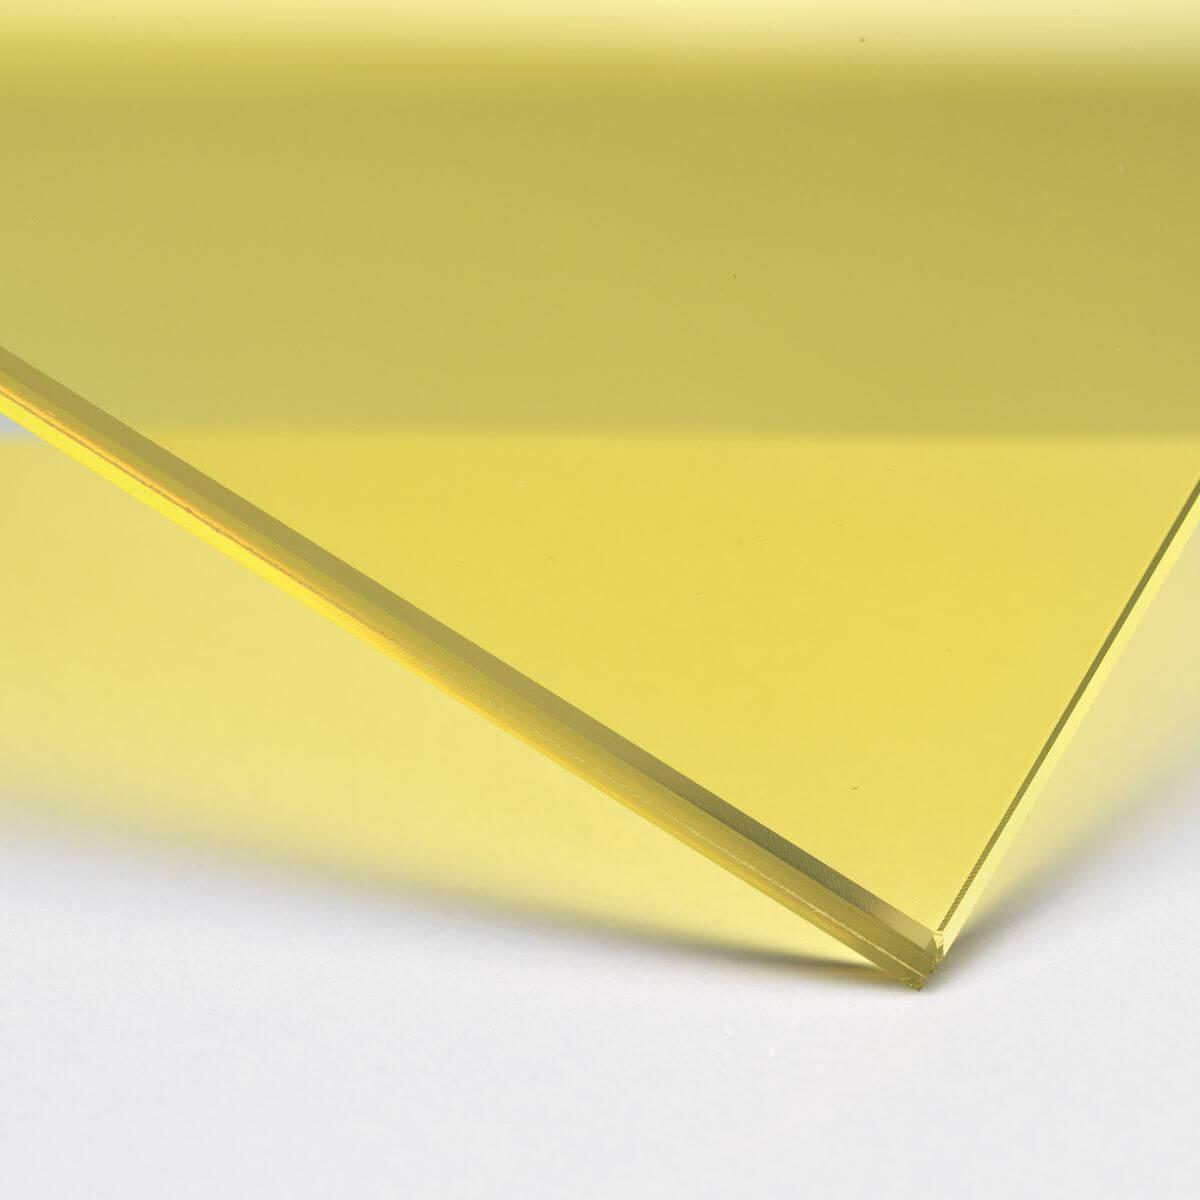 Finitura: Vetro con pellicola interna gialla trasparente